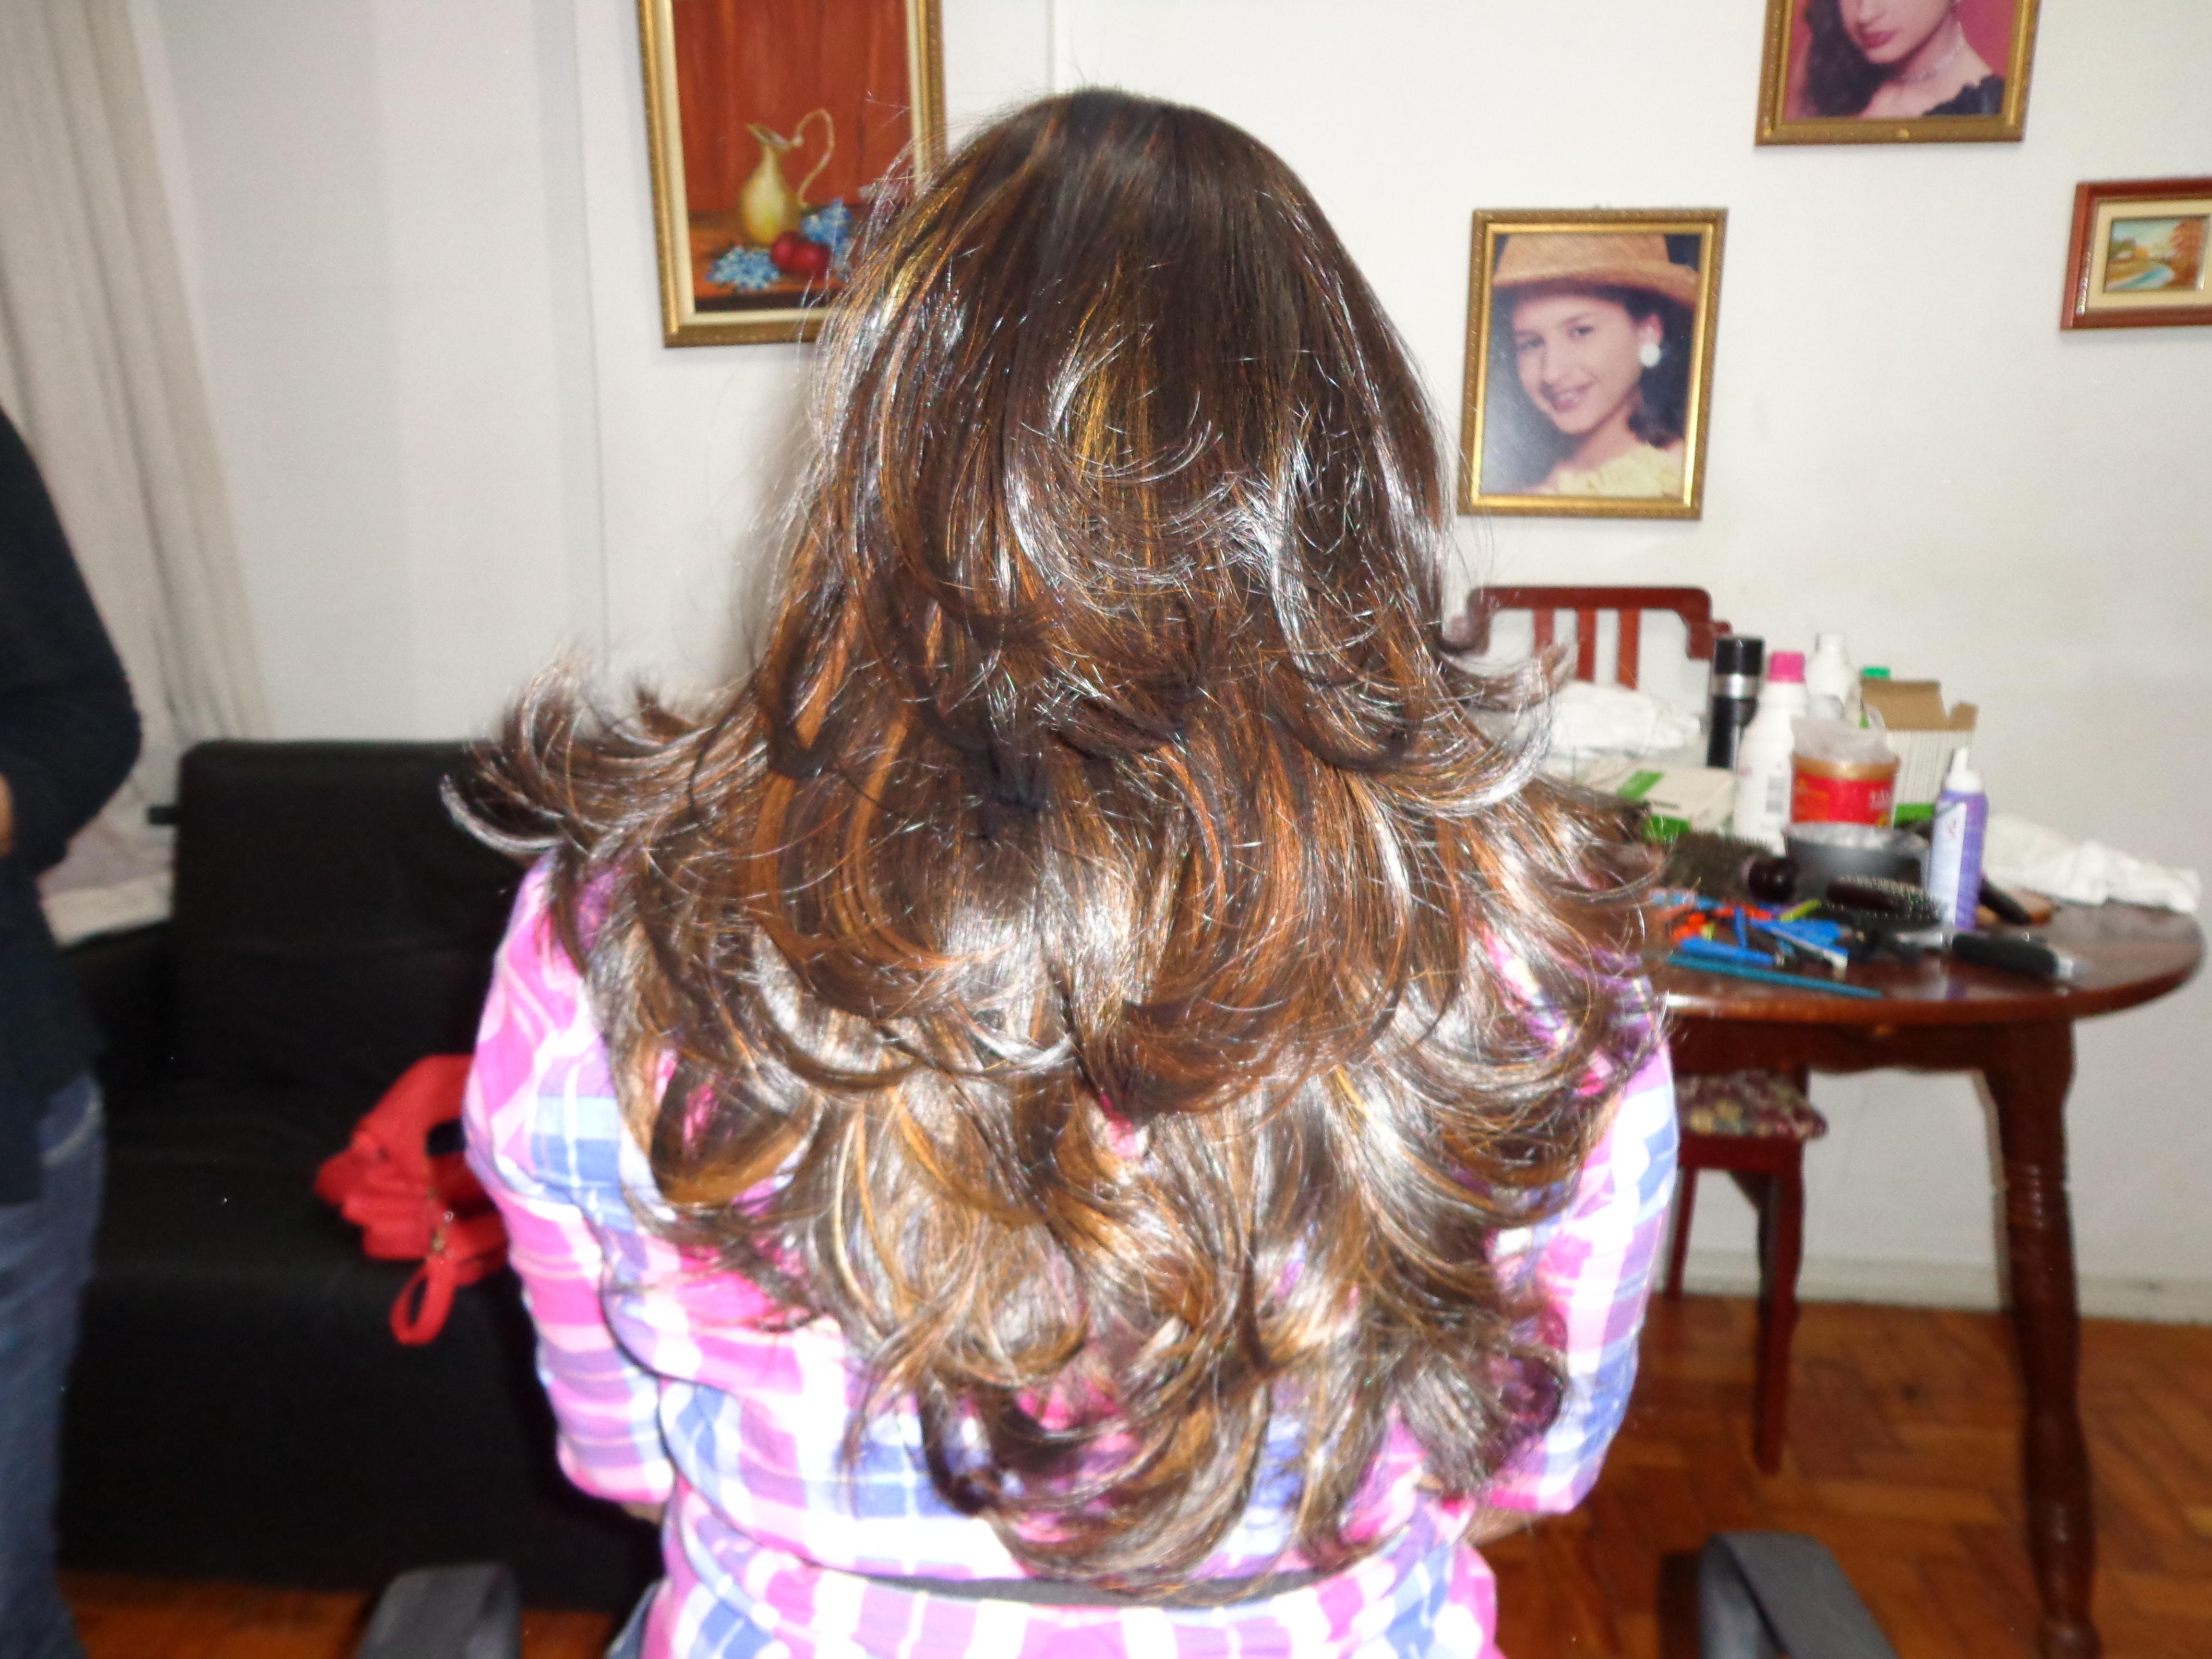 Corte e iluminado   Corte base U  repicado com pntas desconectadas iluminadas corte e mechas  cabelo  cabeleireiro(a) barbeiro(a) maquiador(a) designer de sobrancelhas depilador(a)